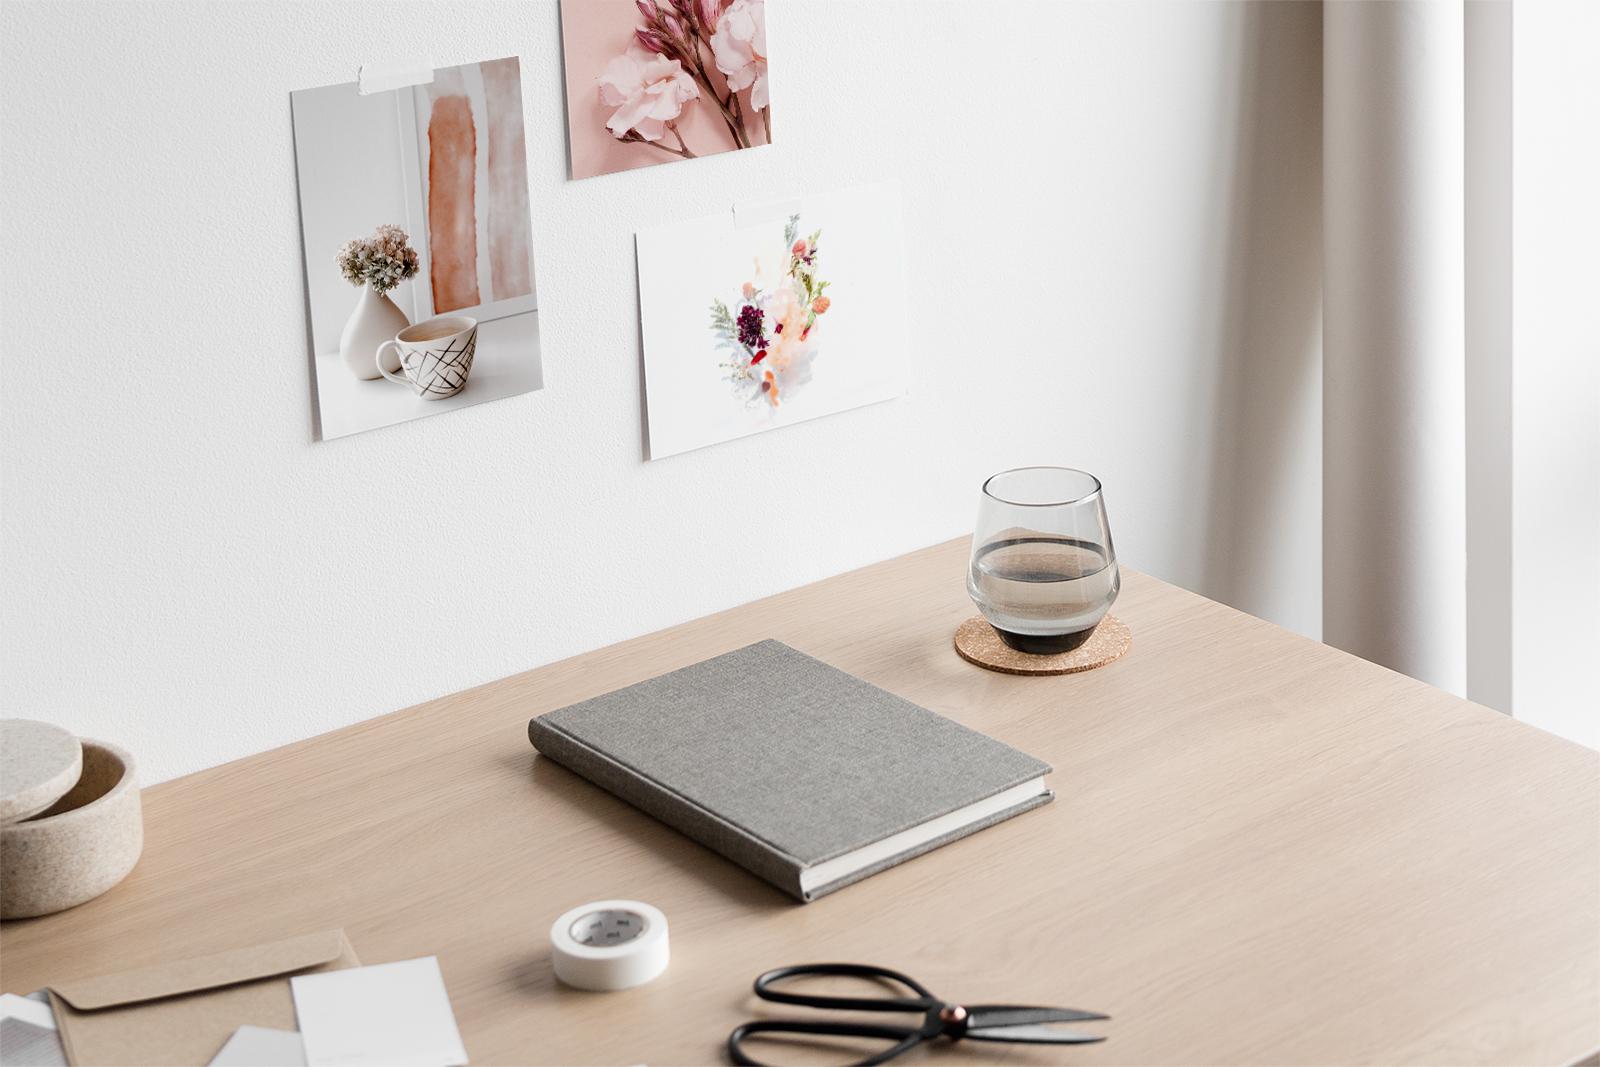 Webinar: Mood board marki. Skuteczna tablica inspiracji zgodna zestylem Twojejmarki, dla idealnego projektu identyfikacji wizualnej | Sklep Moyemu